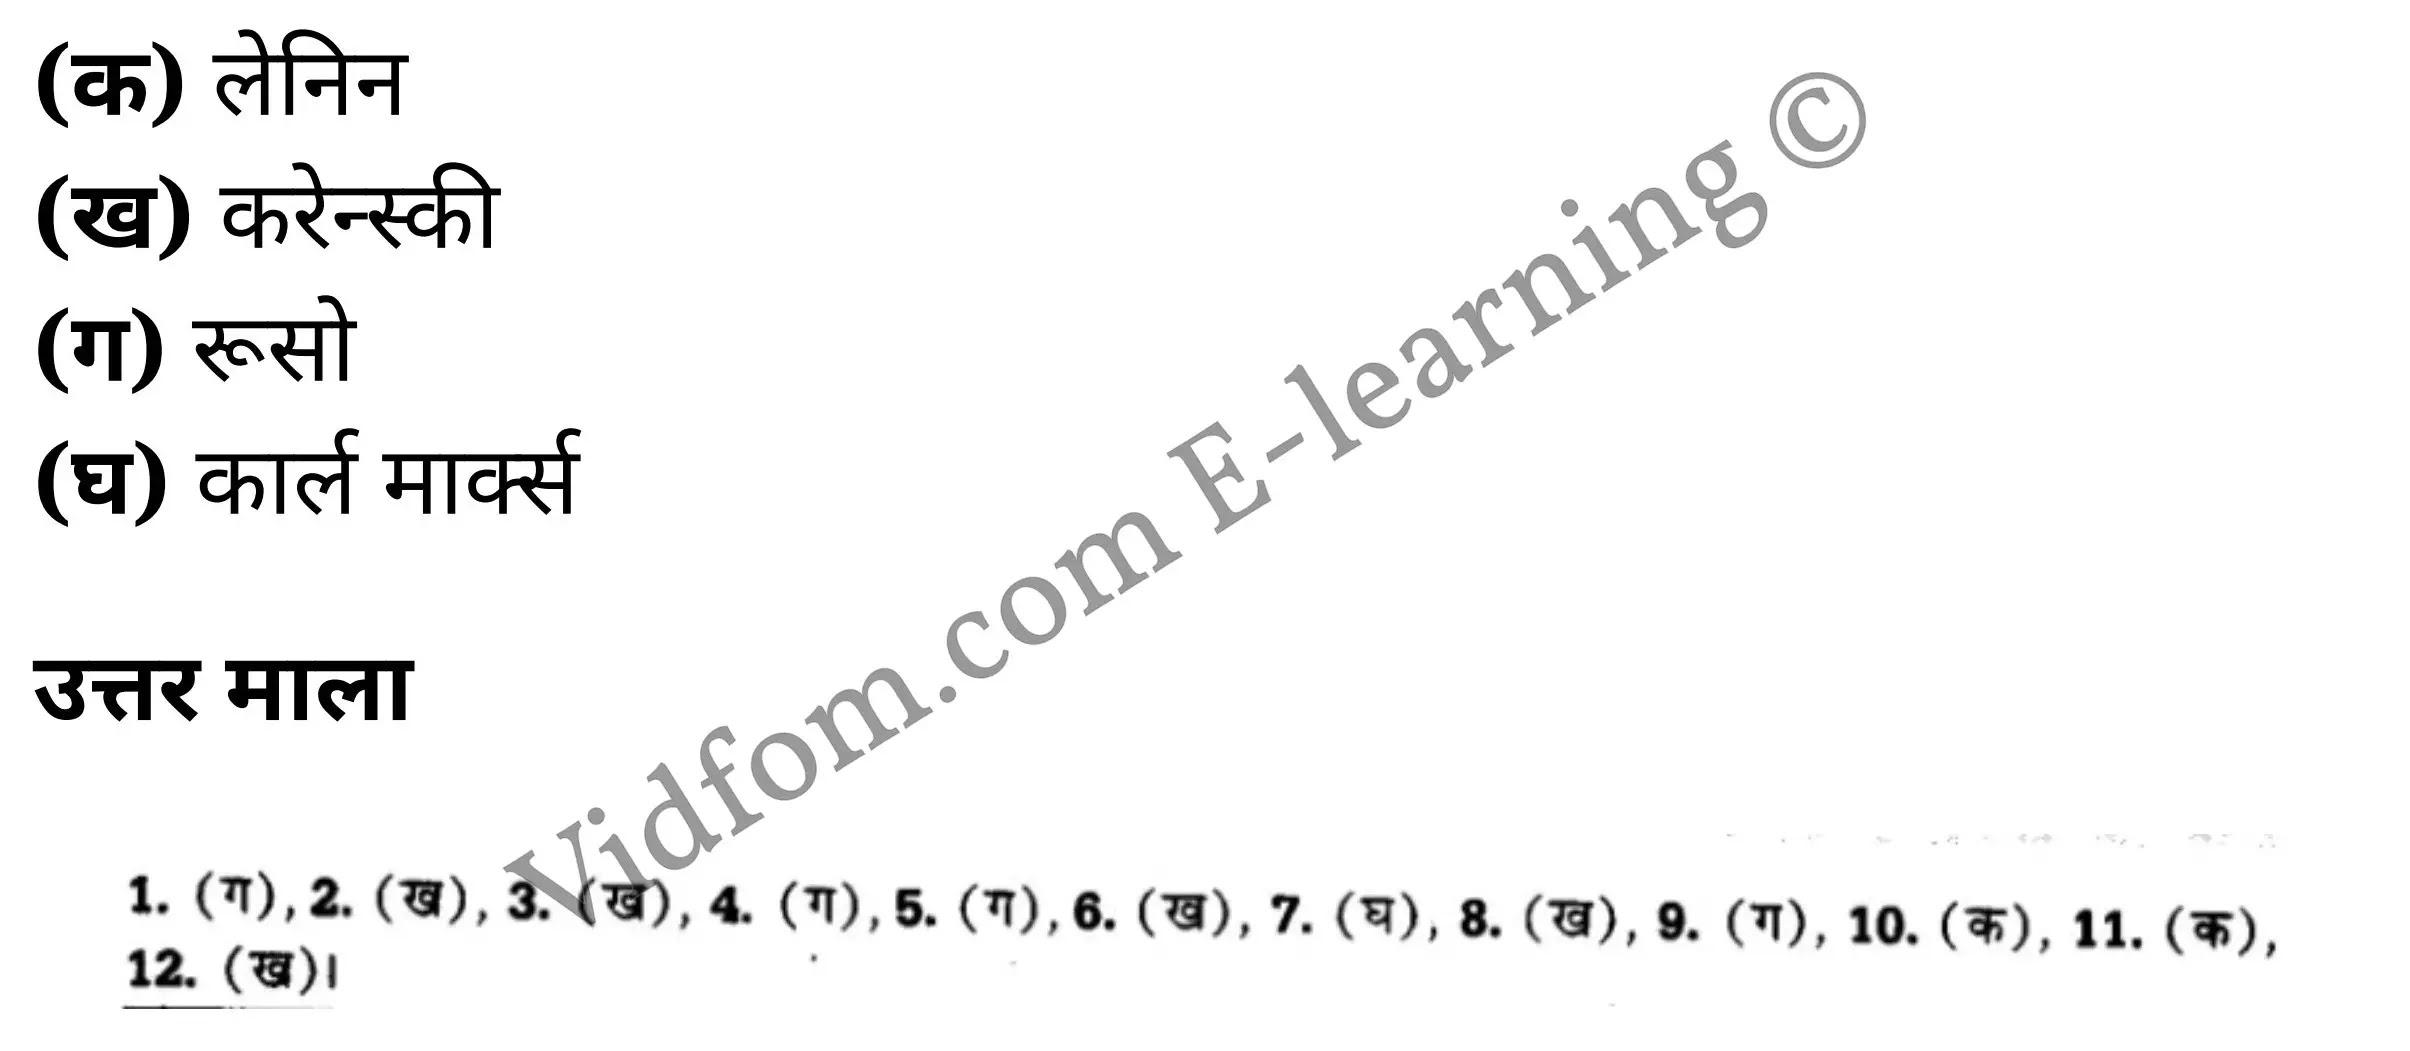 कक्षा 10 सामाजिक विज्ञान के नोट्स हिंदी में एनसीईआरटी समाधान, class 10 Social Science chapter 6, class 10 Social Science chapter 6 ncert solutions in Social Science, class 10 Social Science chapter 6 notes in hindi, class 10 Social Science chapter 6 question answer, class 10 Social Science chapter 6 notes, class 10 Social Science chapter 6 class 10 Social Science chapter 6 in hindi, class 10 Social Science chapter 6 important questions in hindi, class 10 Social Science hindi chapter 6 notes in hindi, class 10 Social Science chapter 6 test, class 10 Social Science chapter 6 class 10 Social Science chapter 6 pdf, class 10 Social Science chapter 6 notes pdf, class 10 Social Science chapter 6 exercise solutions, class 10 Social Science chapter 6, class 10 Social Science chapter 6 notes study rankers, class 10 Social Science chapter 6 notes, class 10 Social Science hindi chapter 6 notes, class 10 Social Science chapter 6 class 10 notes pdf, class 10 Social Science chapter 6 class 10 notes ncert, class 10 Social Science chapter 6 class 10 pdf, class 10 Social Science chapter 6 book, class 10 Social Science chapter 6 quiz class 10 , 10 th class 10 Social Science chapter 6 book up board, up board 10 th class 10 Social Science chapter 6 notes, class 10 Social Science, class 10 Social Science ncert solutions in Social Science, class 10 Social Science notes in hindi, class 10 Social Science question answer, class 10 Social Science notes, class 10 Social Science class 10 Social Science chapter 6 in hindi, class 10 Social Science important questions in hindi, class 10 Social Science notes in hindi, class 10 Social Science test, class 10 Social Science class 10 Social Science chapter 6 pdf, class 10 Social Science notes pdf, class 10 Social Science exercise solutions, class 10 Social Science, class 10 Social Science notes study rankers, class 10 Social Science notes, class 10 Social Science notes, class 10 Social Science class 10 notes pdf, class 10 Social Science class 10 notes 